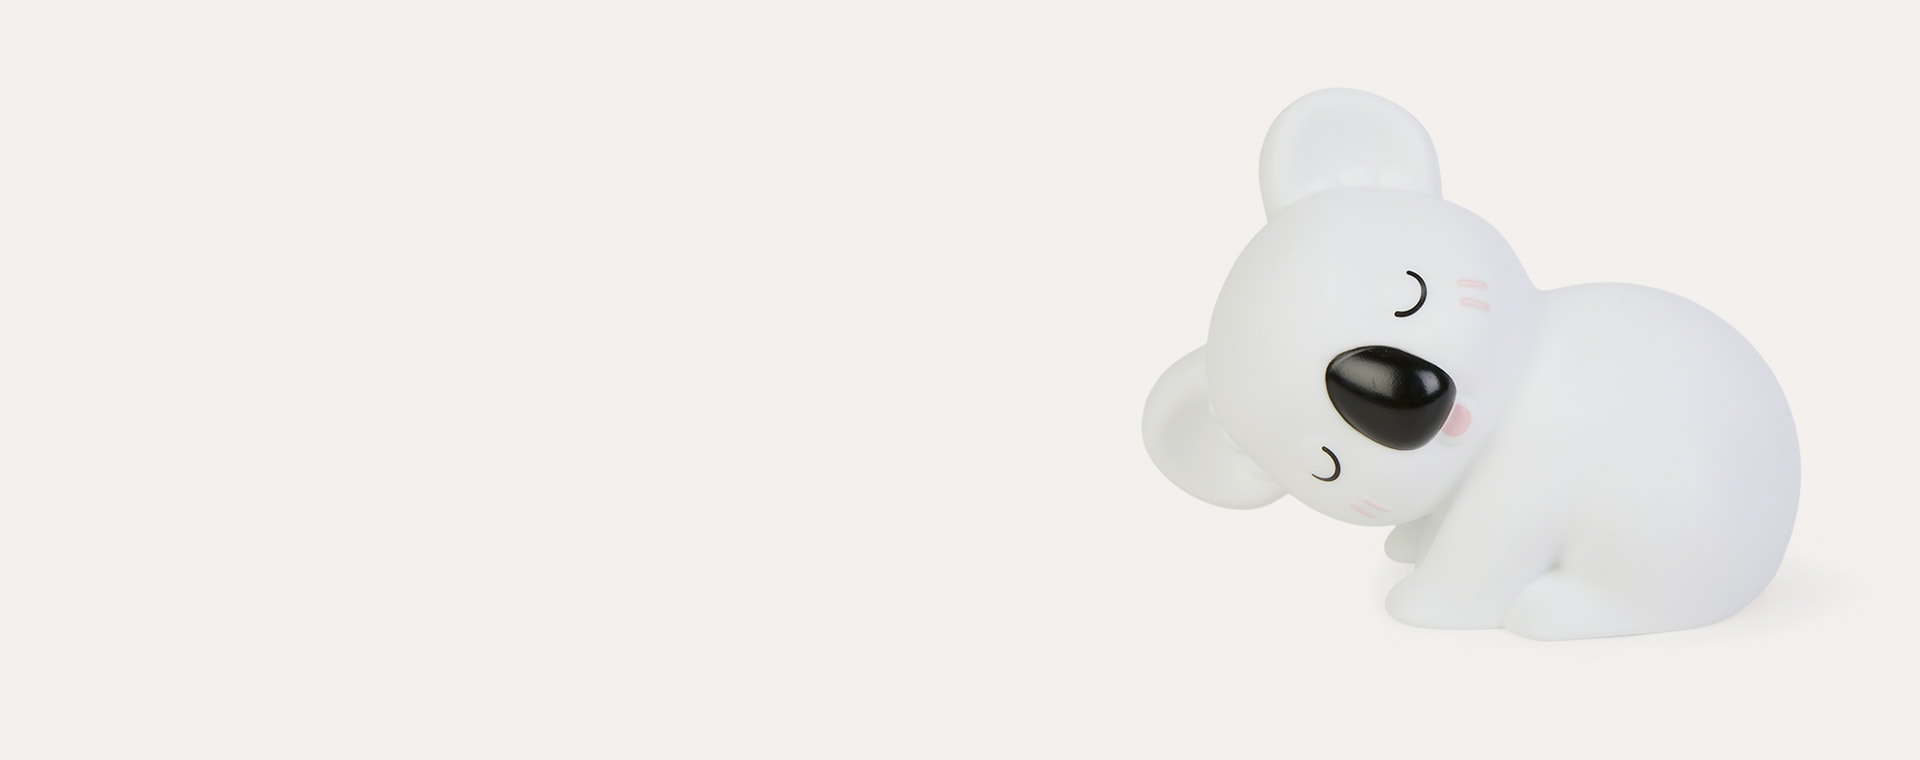 White Dhink Sleeping Koala LED Night Light